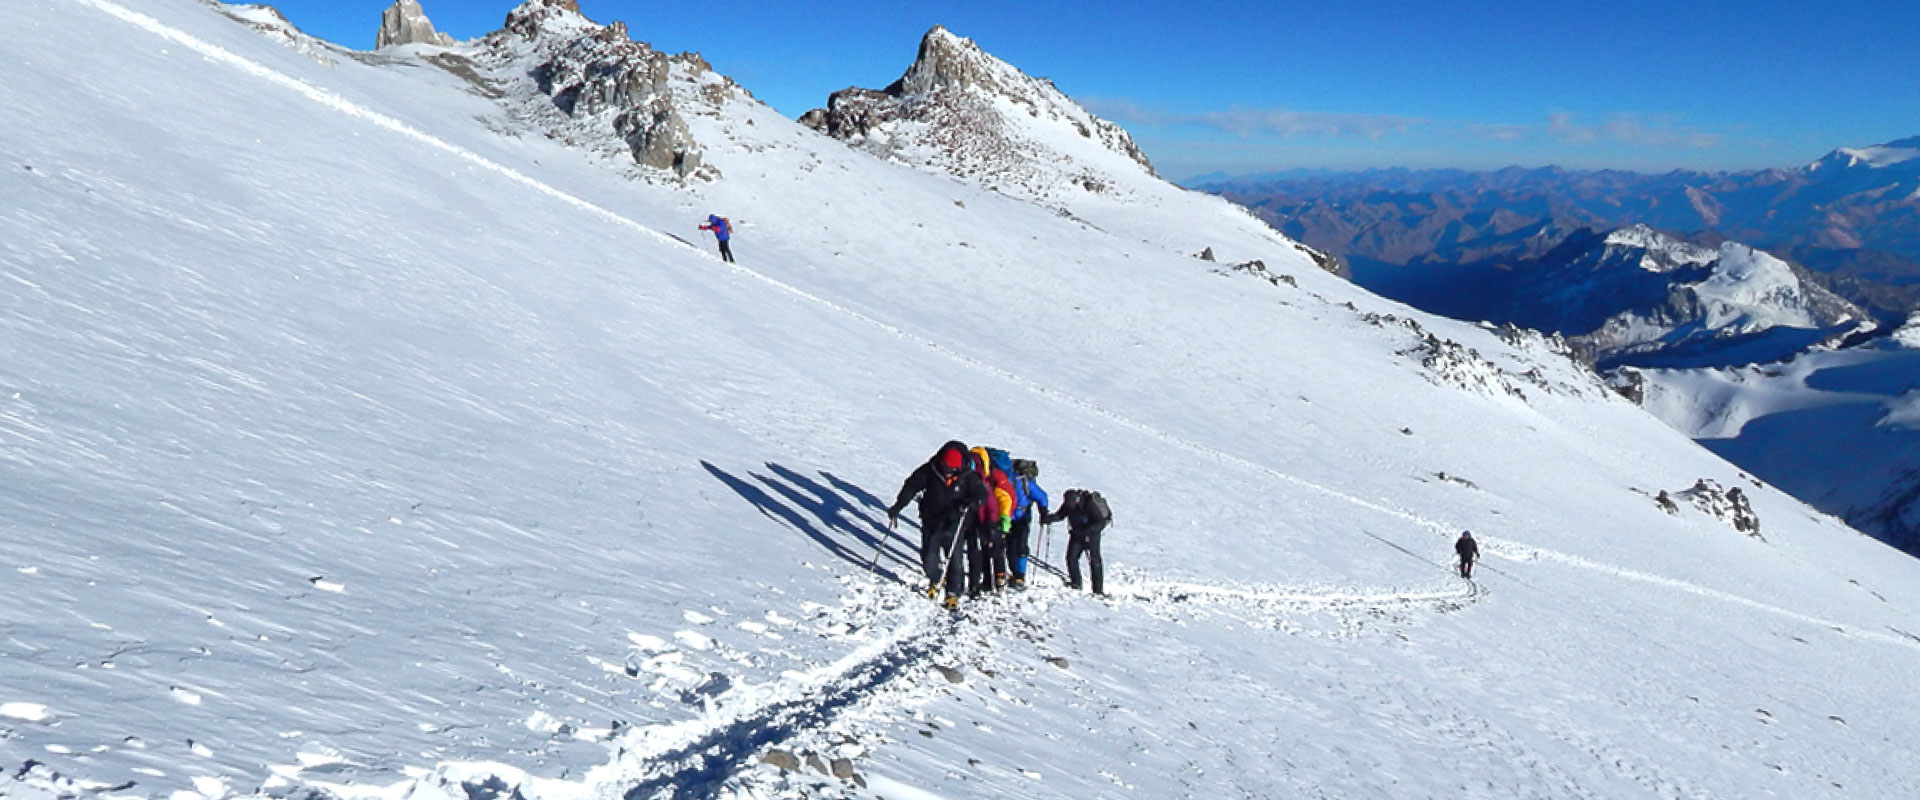 Mt Aconcagua Hike in Argentina